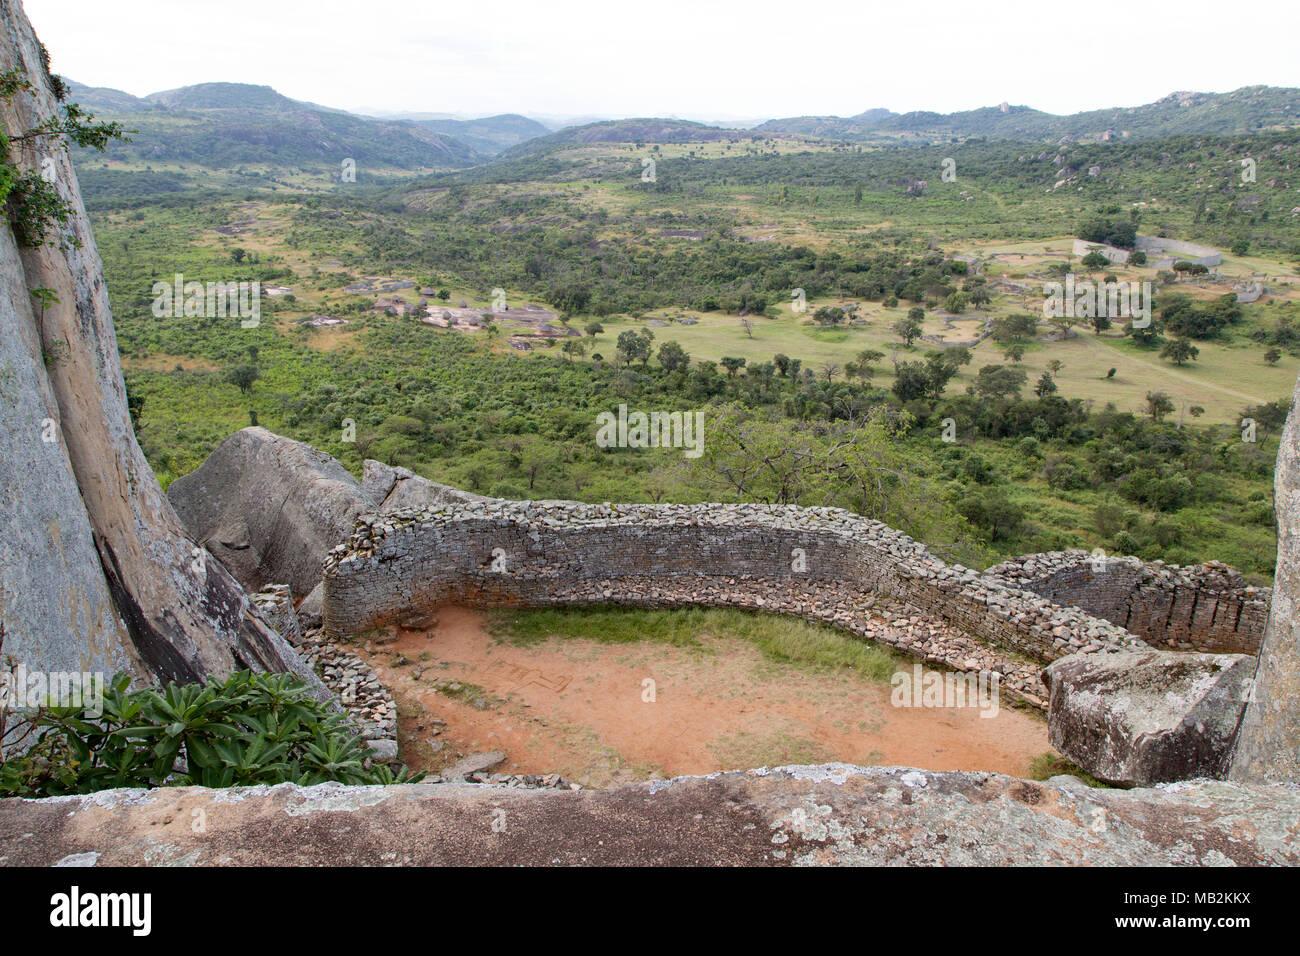 Voir dans la vallée de l'enceinte royale au grand Zimbabwe près de Masvingo au Zimbabwe. Photo Stock